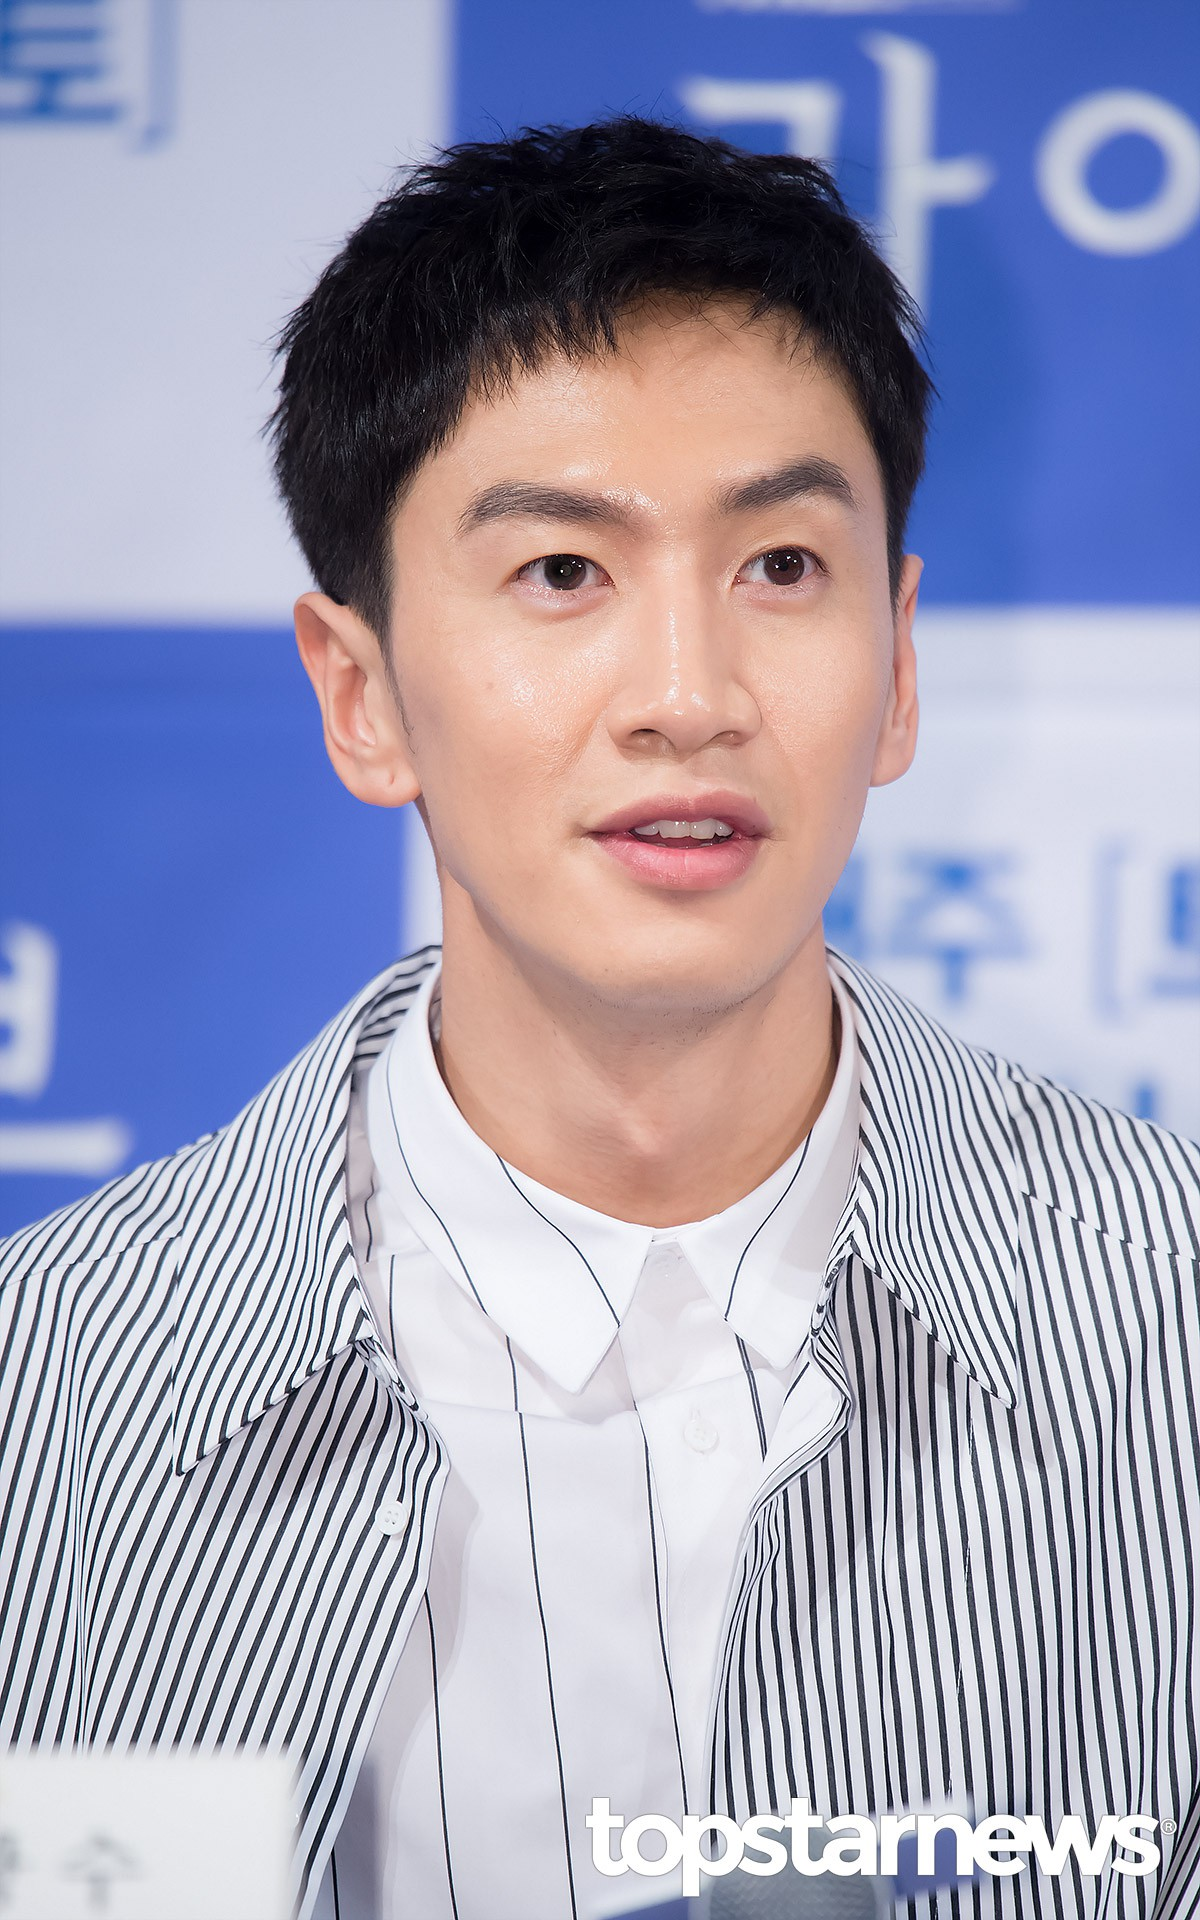 5 sao nam Hàn chẳng đẹp trai nhưng cưa đổ mỹ nhân đẹp xuất chúng: Hầu hết đều siêu giàu, trừ trường hợp cuối - Ảnh 1.